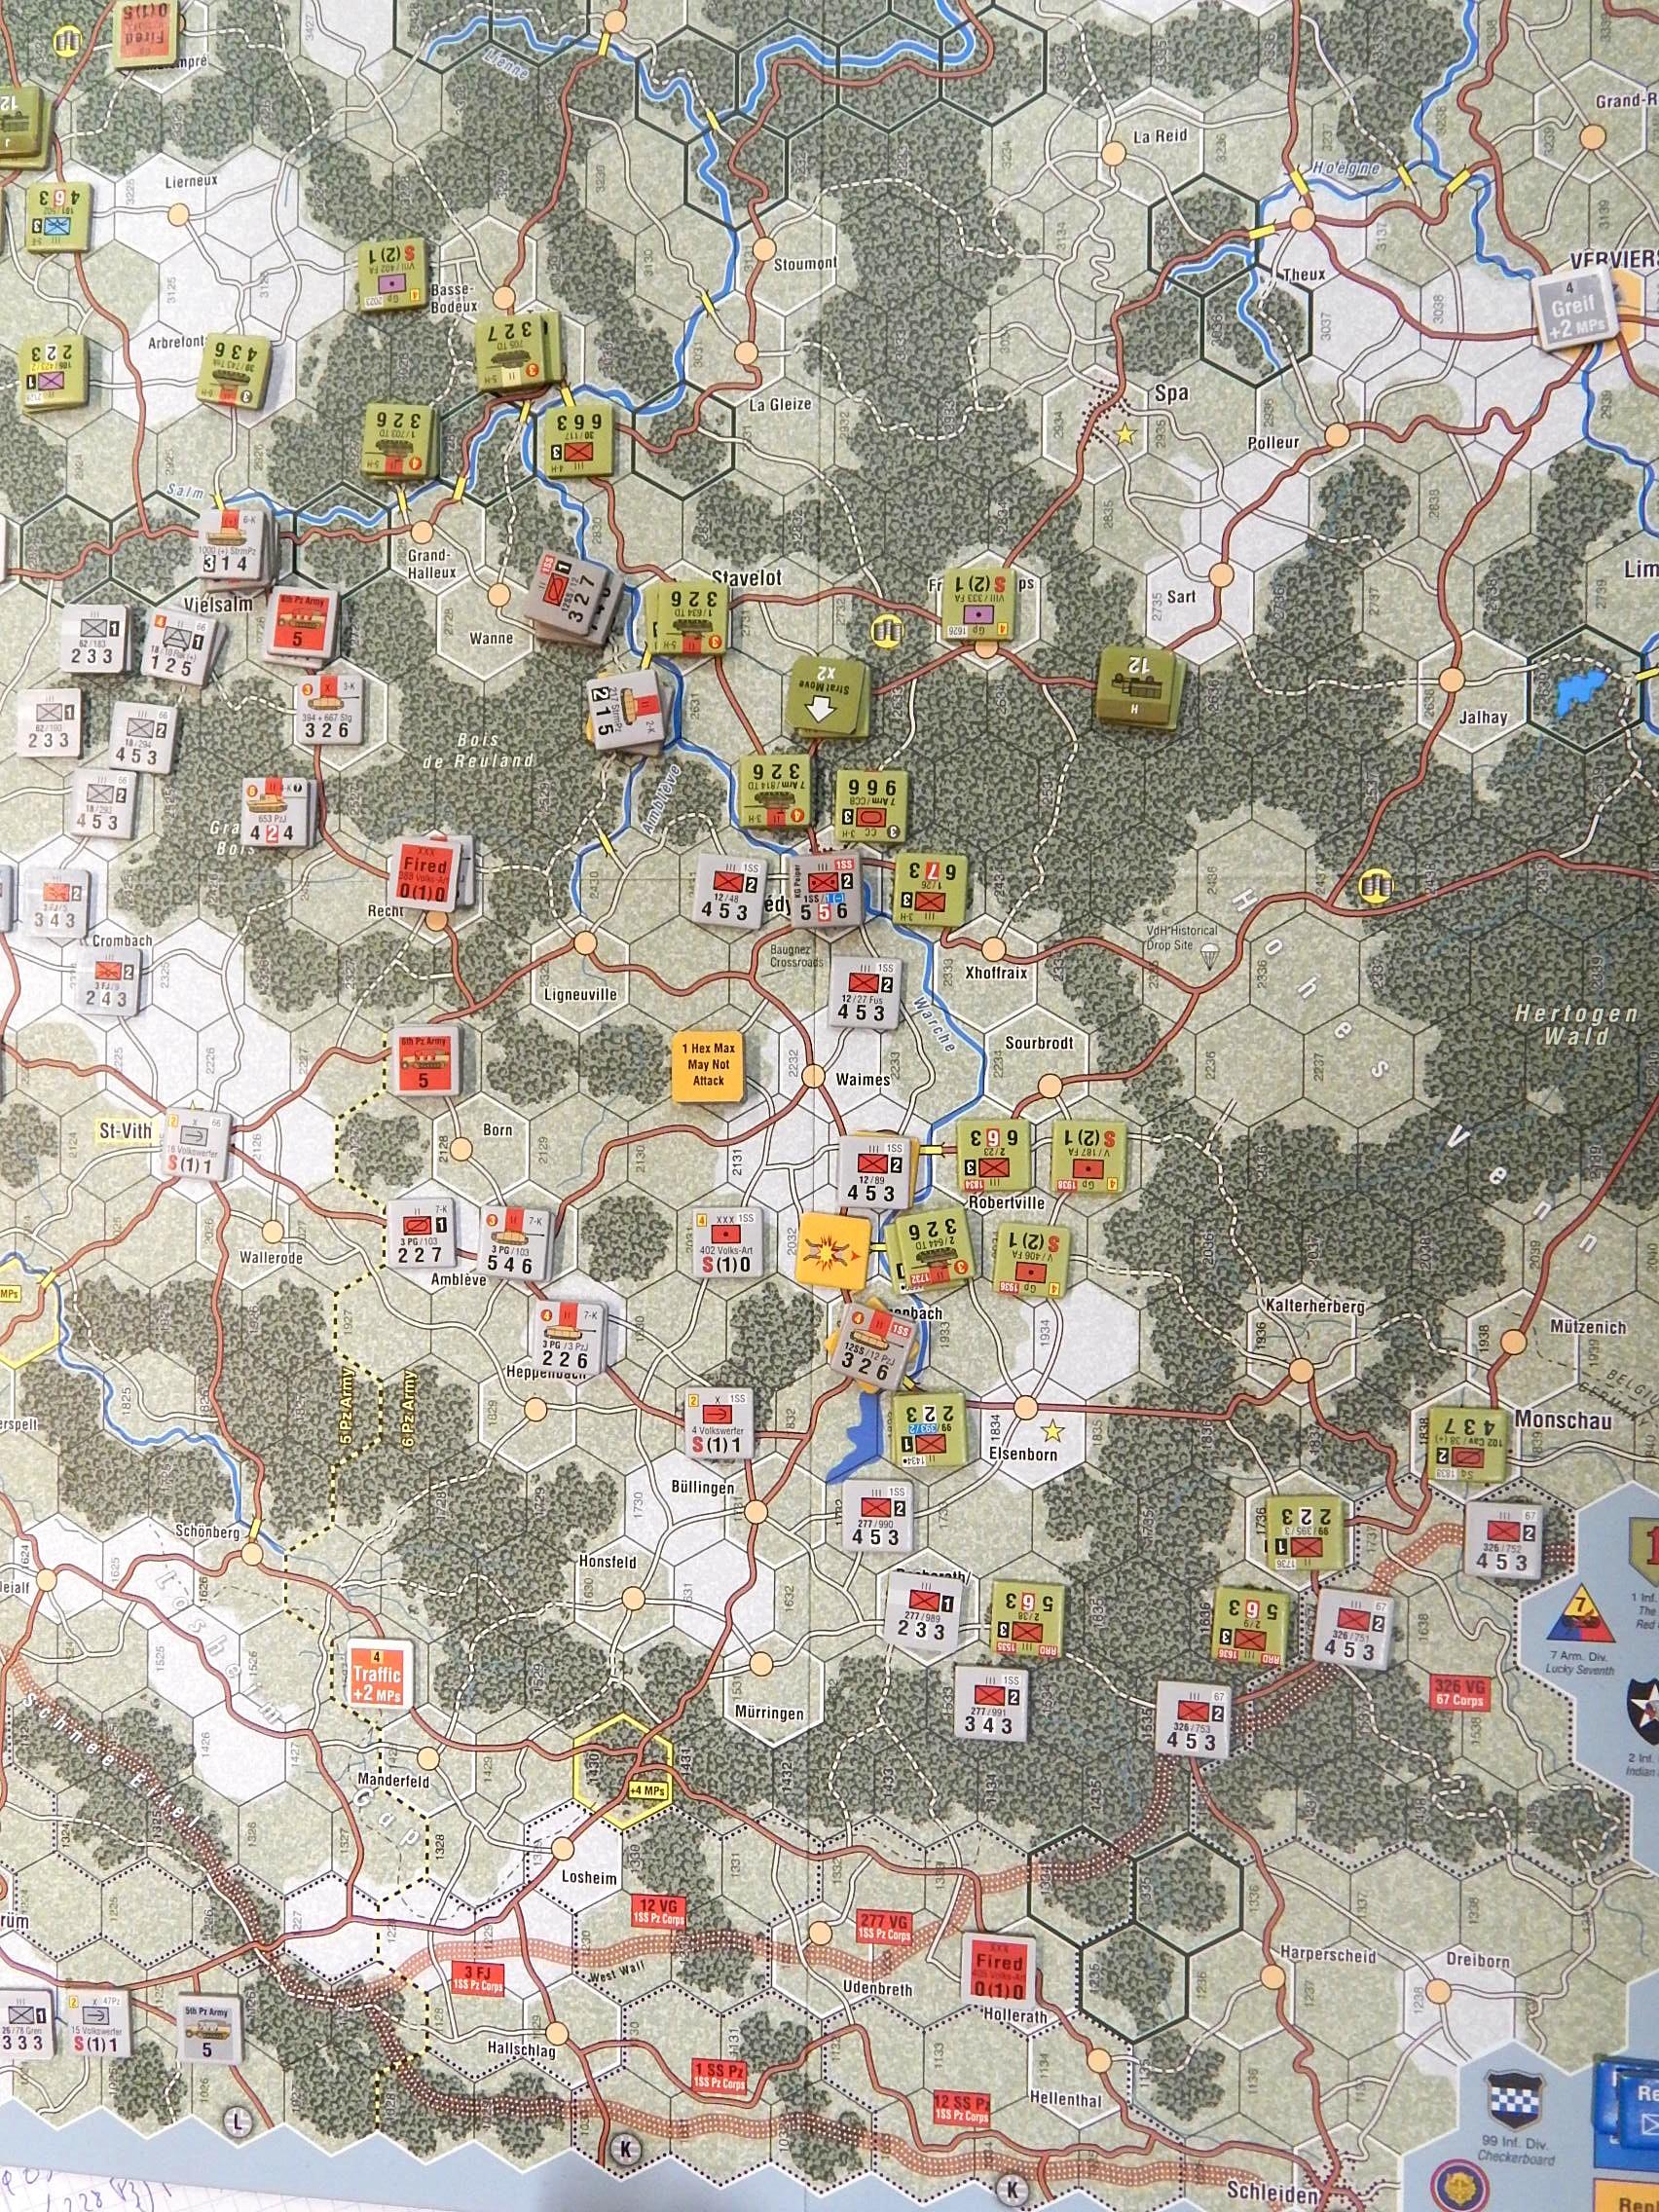 https://i.ibb.co/BZq7dR0/Ardennes-44-T7-C.jpg